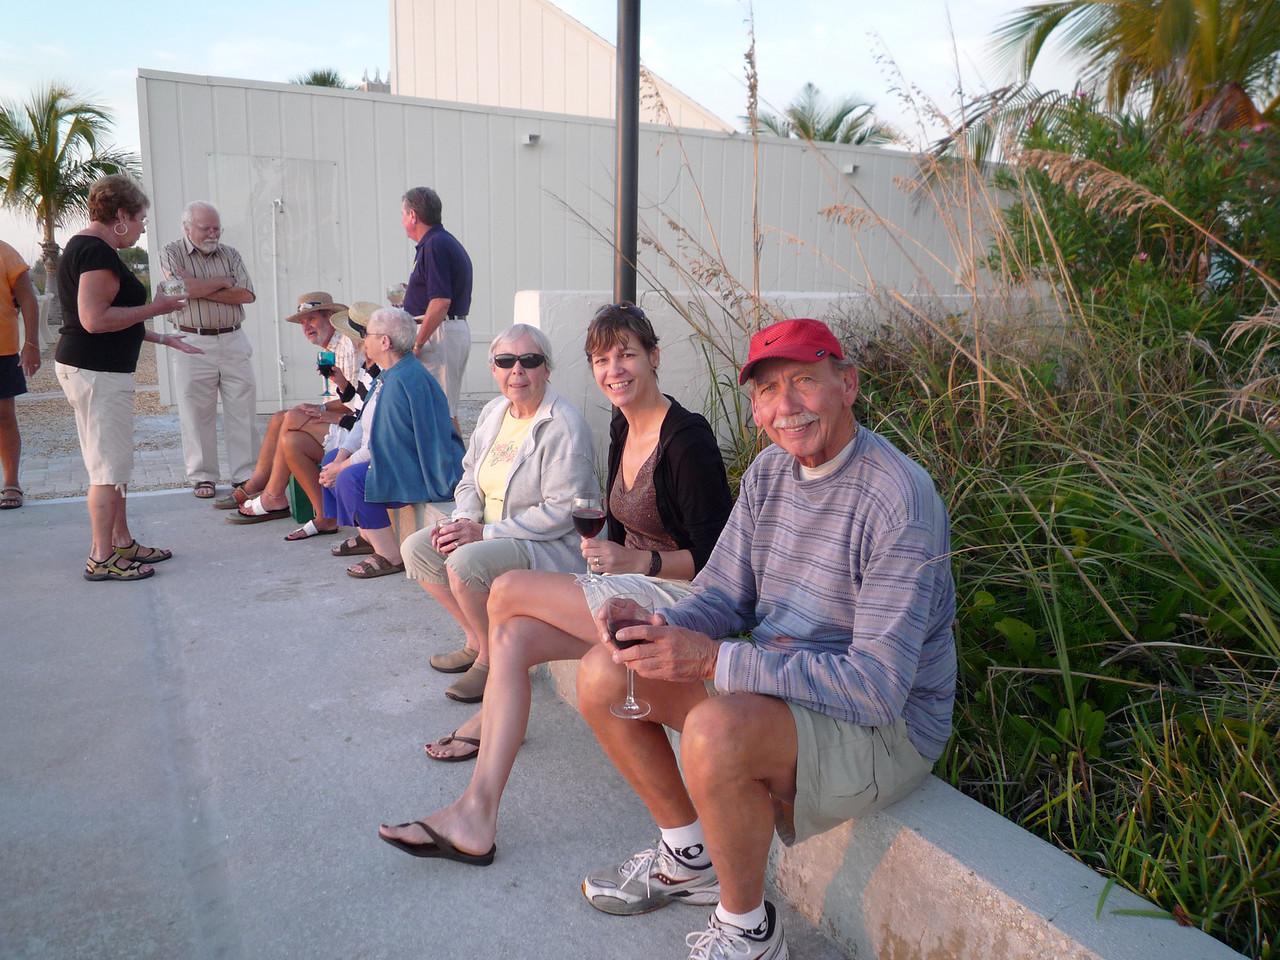 Oma, Ila, and Grandpa prepare for sunset.